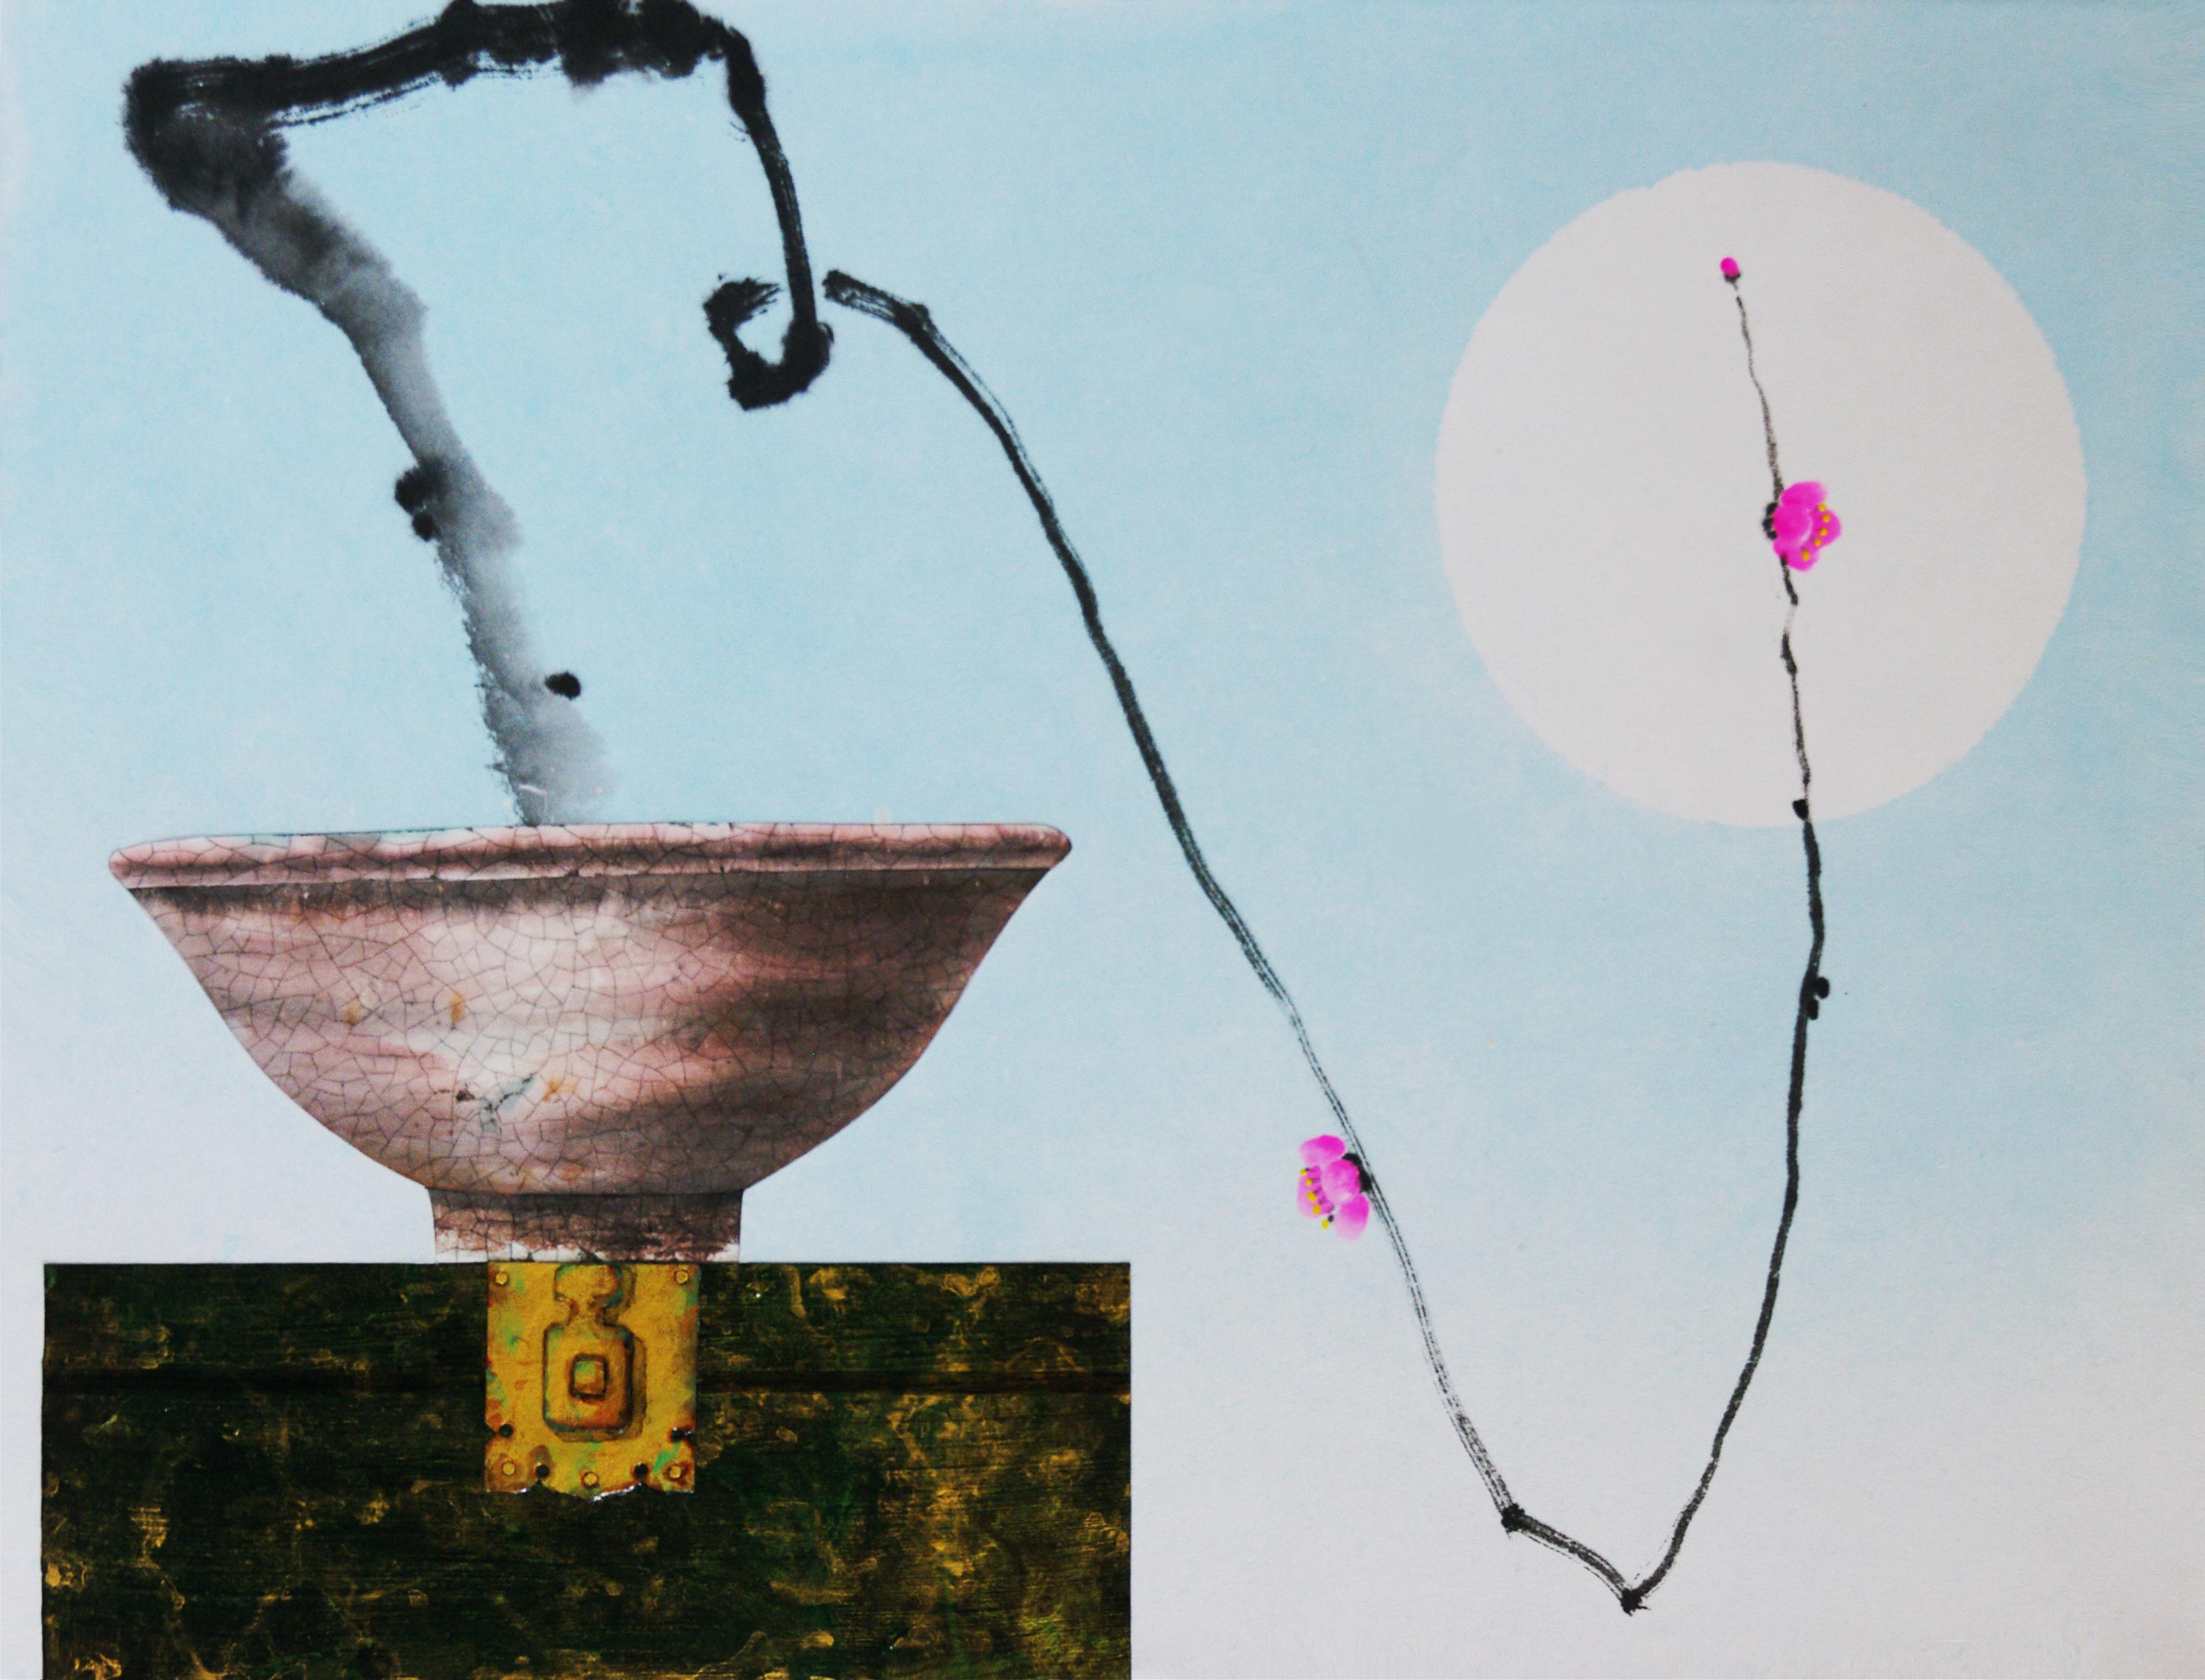 오관진2, 비움과 채움(복을 담다), 53 x 41 cm, 한지에 혼합재